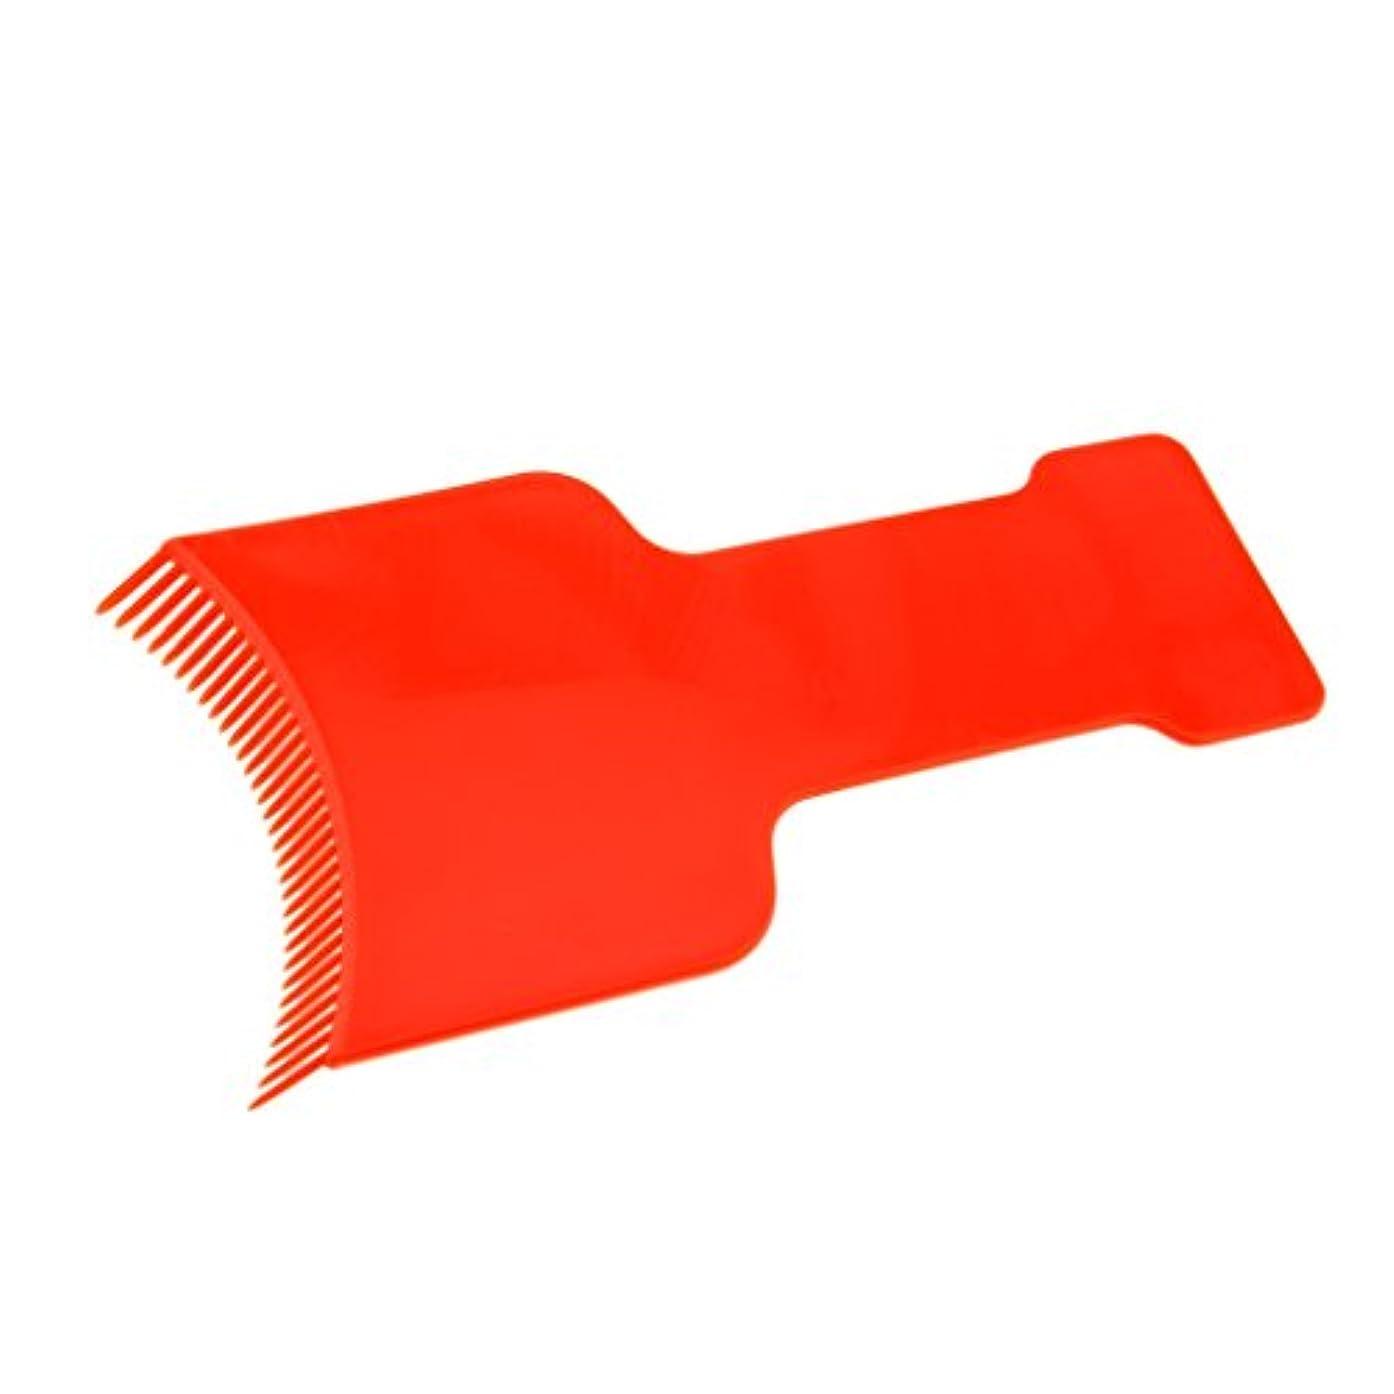 ガチョウアミューズスクリーチPerfeclan ヘアダイコーム ヘアダイブラシ 染色ボード 理髪店 美容院 アクセサリー 便利